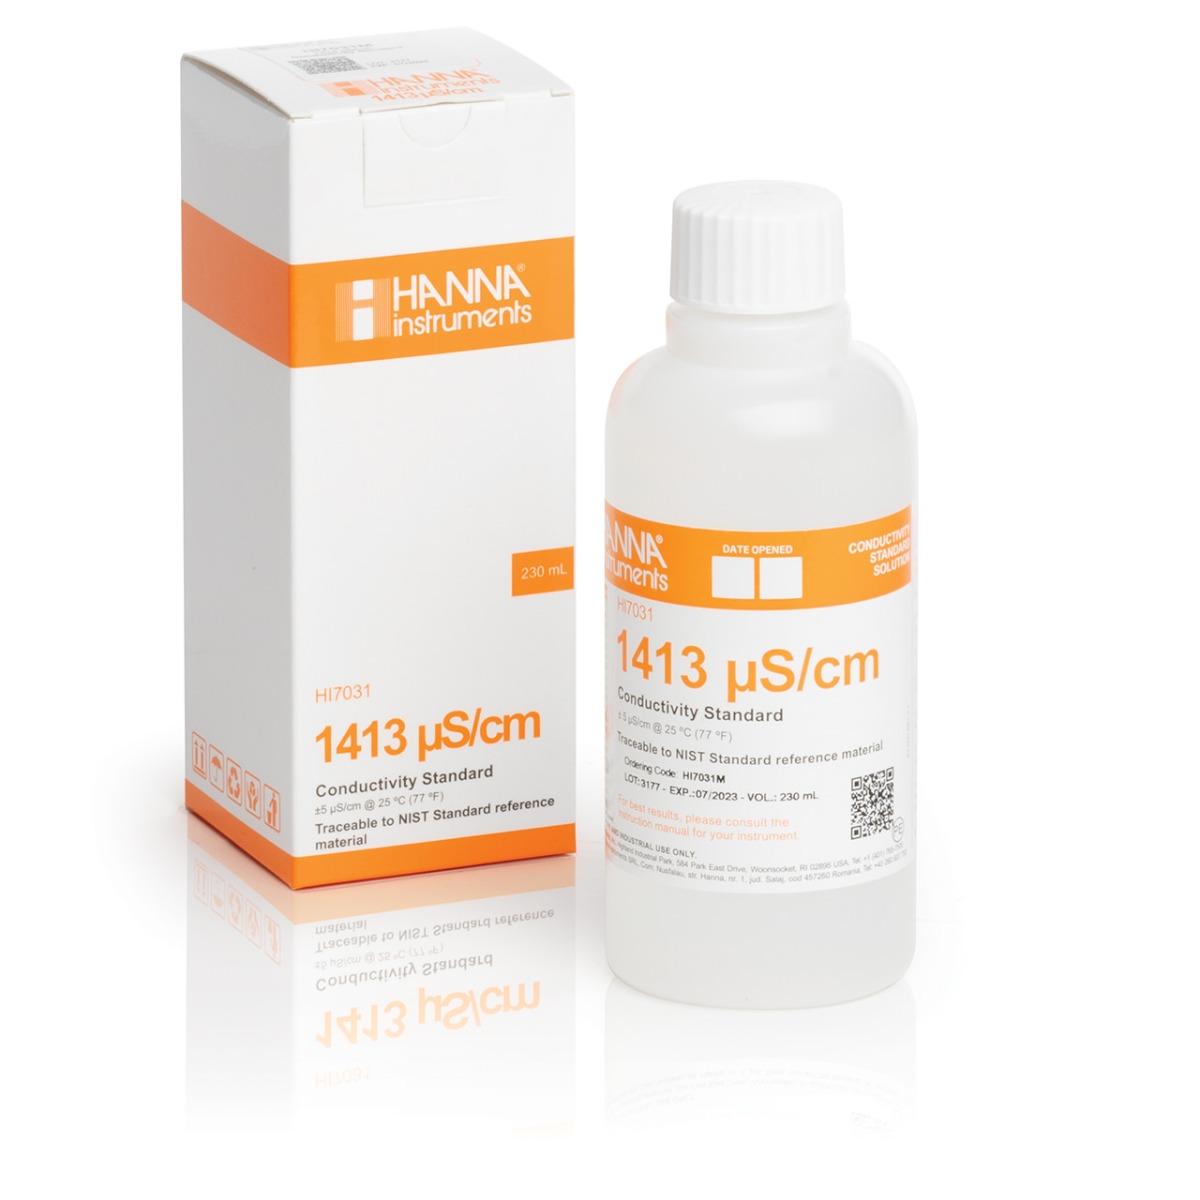 HI7031M 1413 µS/cm Conductivity Standard (230mL Bottle)